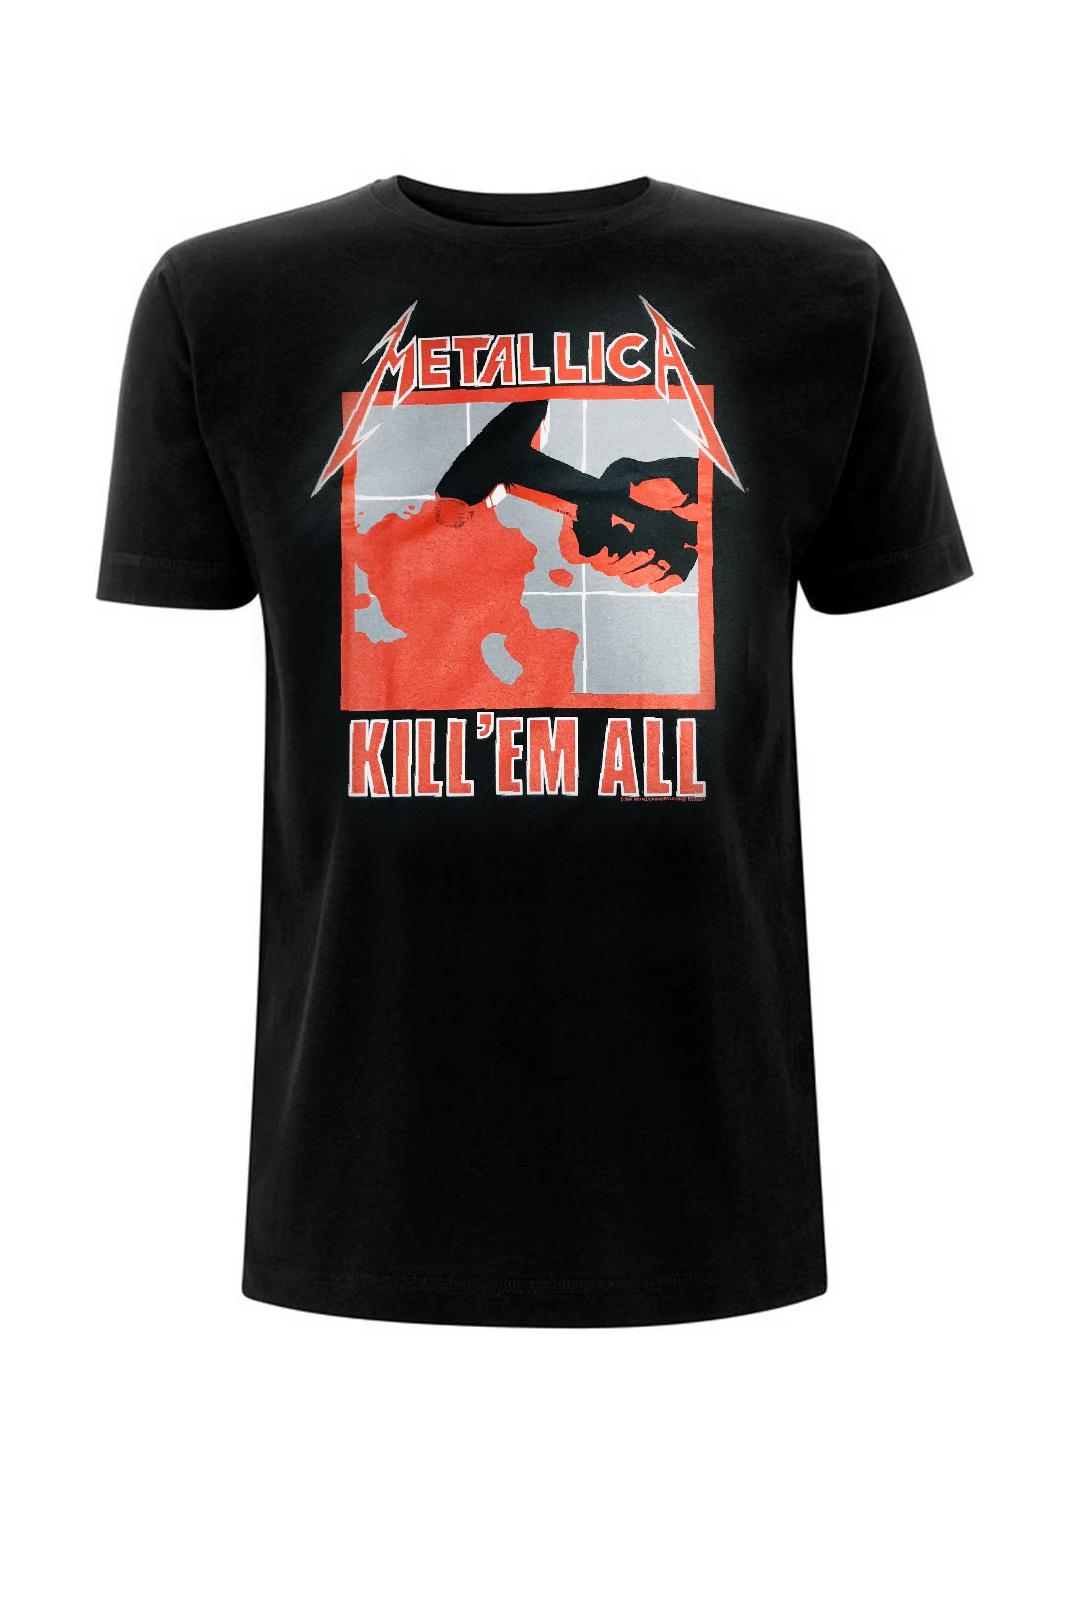 Tee Metallica Kill Em All Black